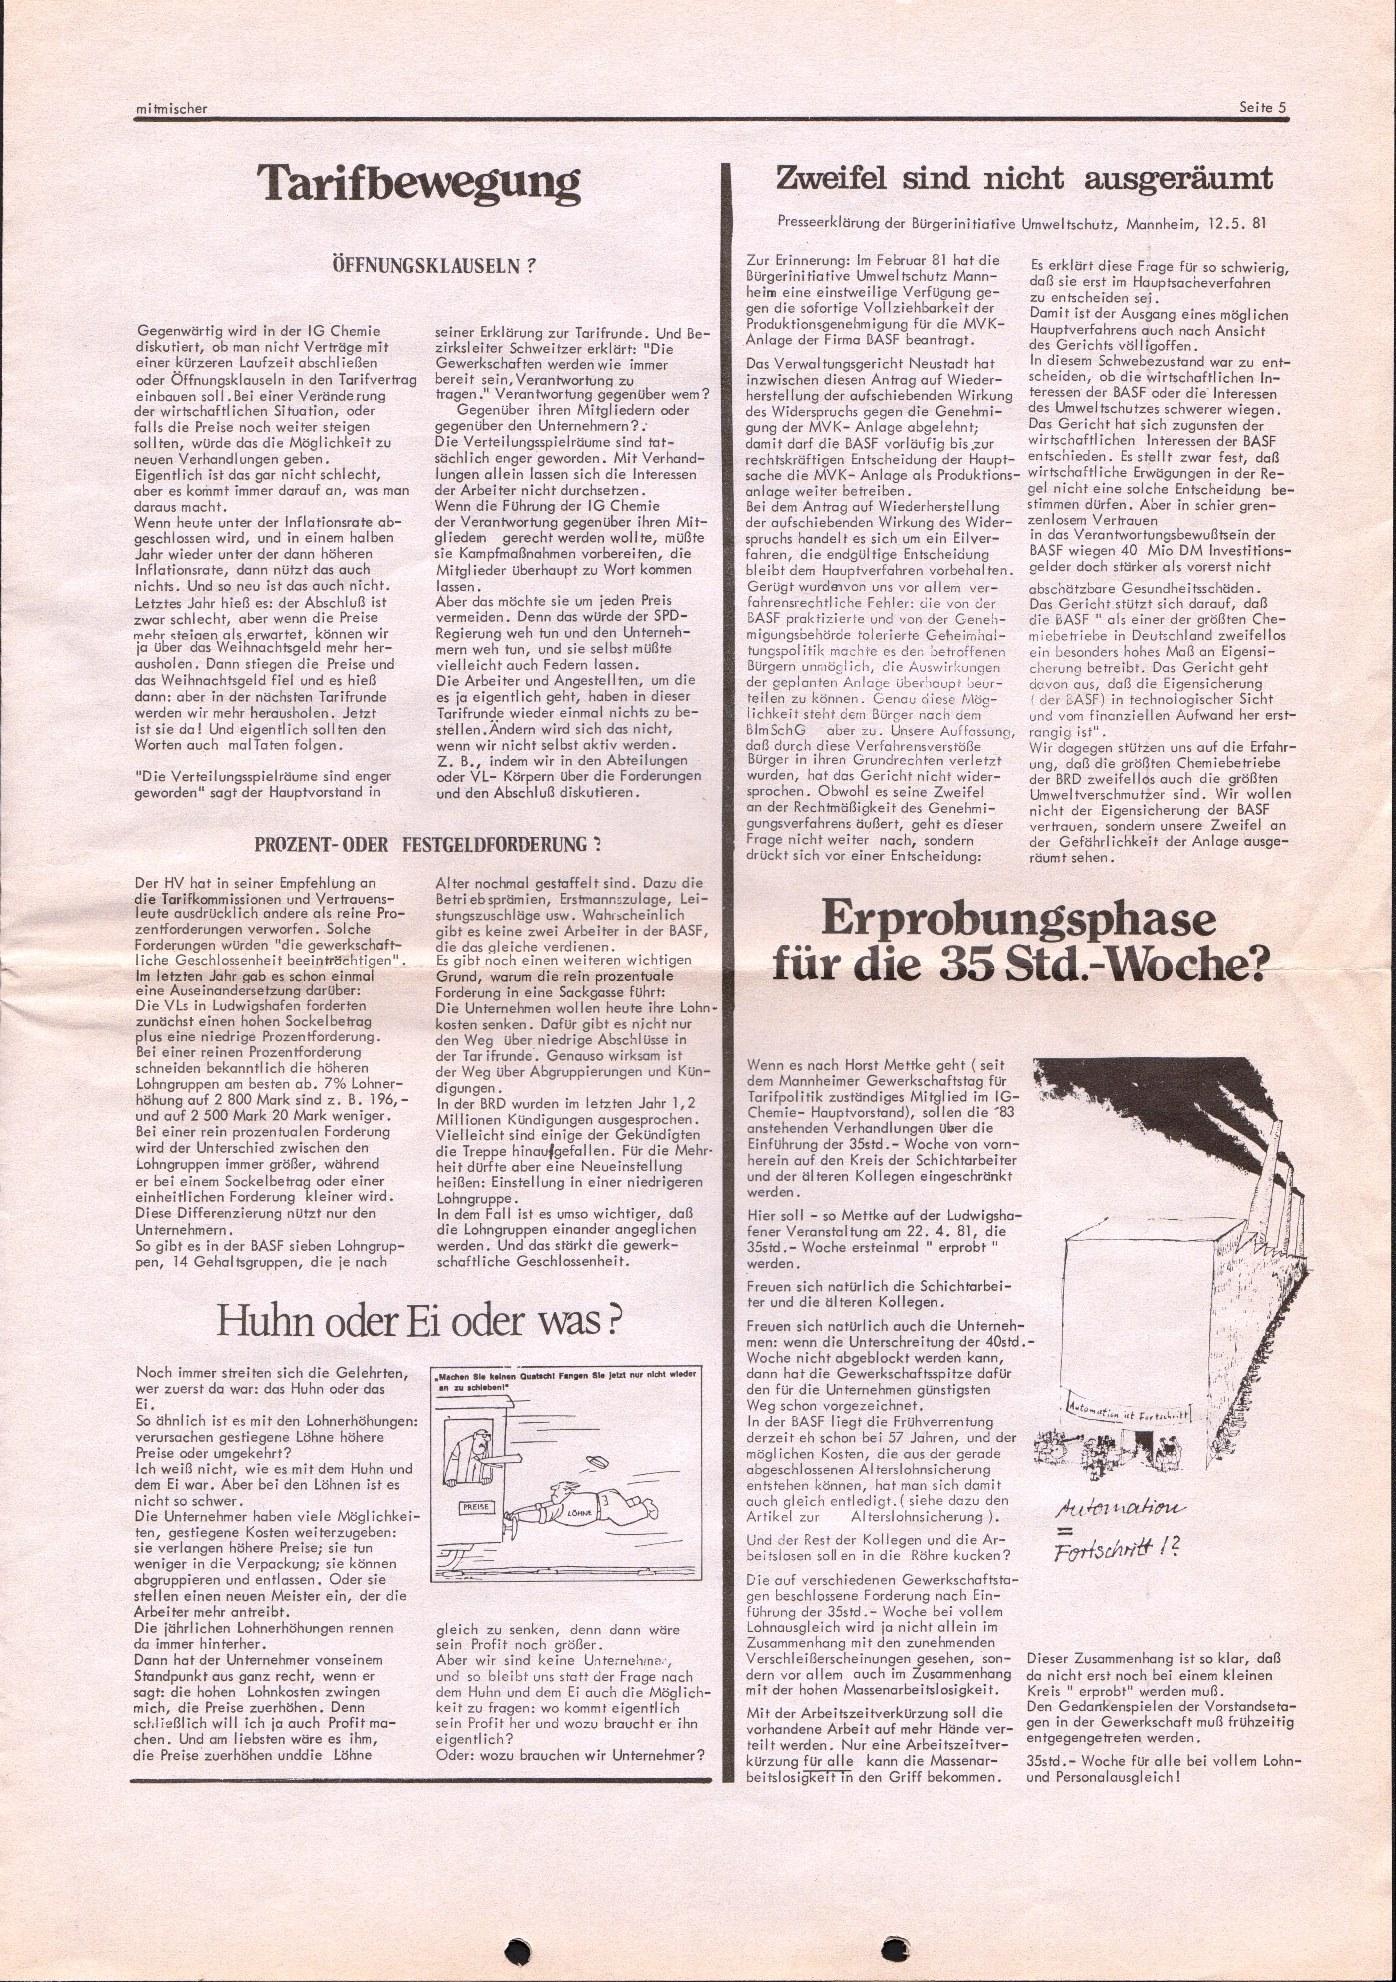 Ludwigshafen_Mitmischer_1981_04_05